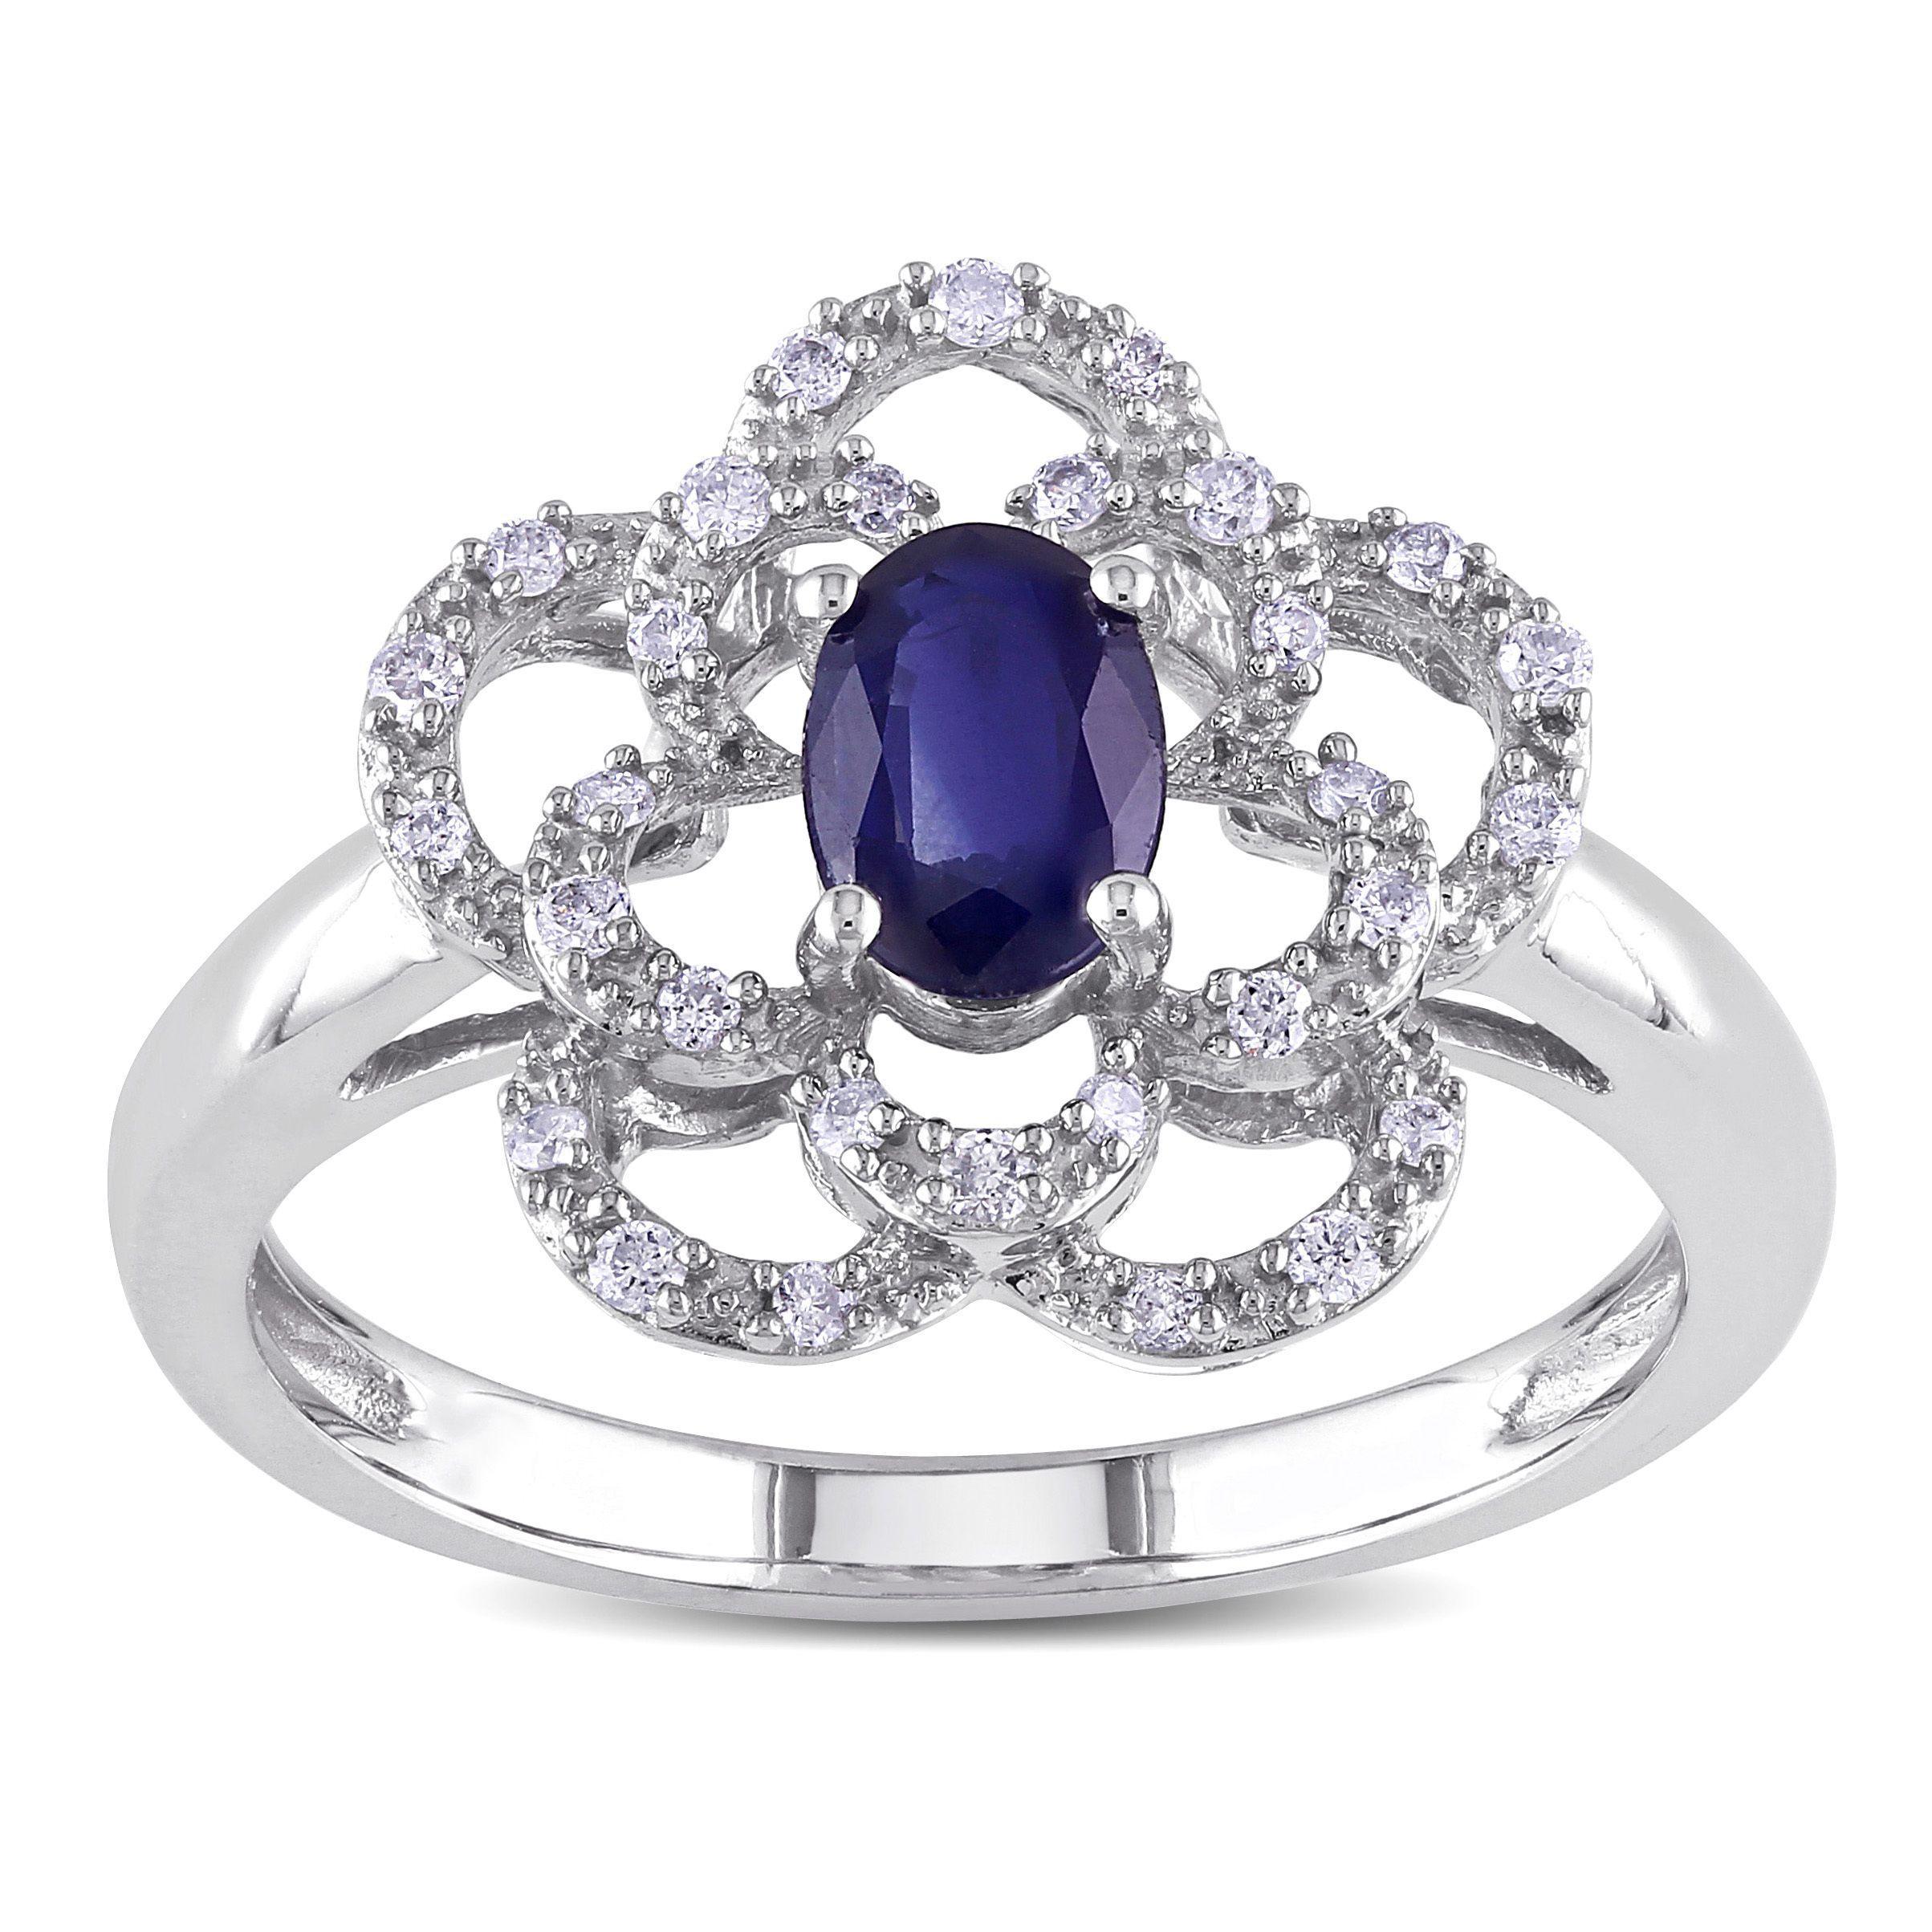 Miadora signature collection 14k white gold 1ct tdw diamond double row - Miadora 14k White Gold Sapphire And 1 6ct Tdw Diamond Flower Ring G H